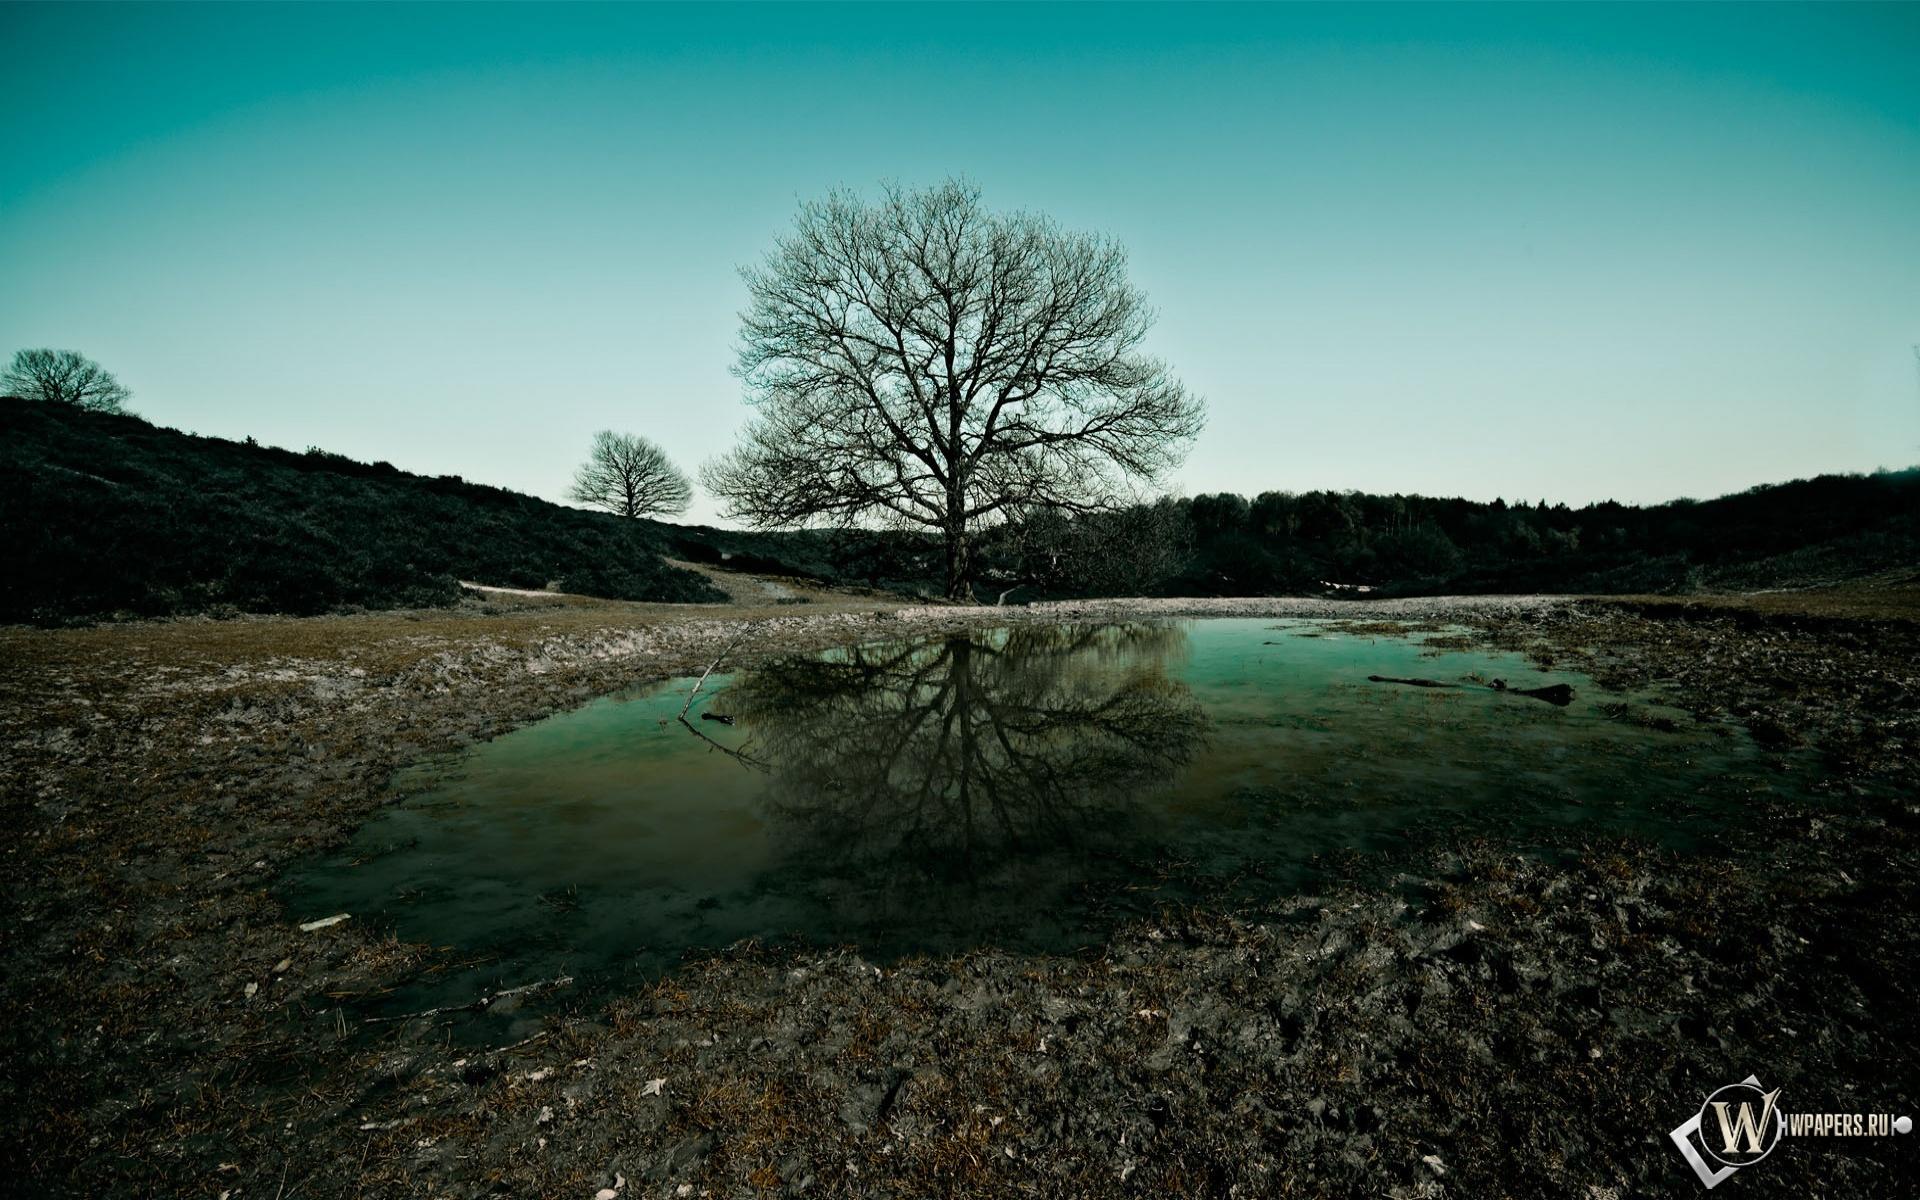 Дерево на фоне озера 1920x1200